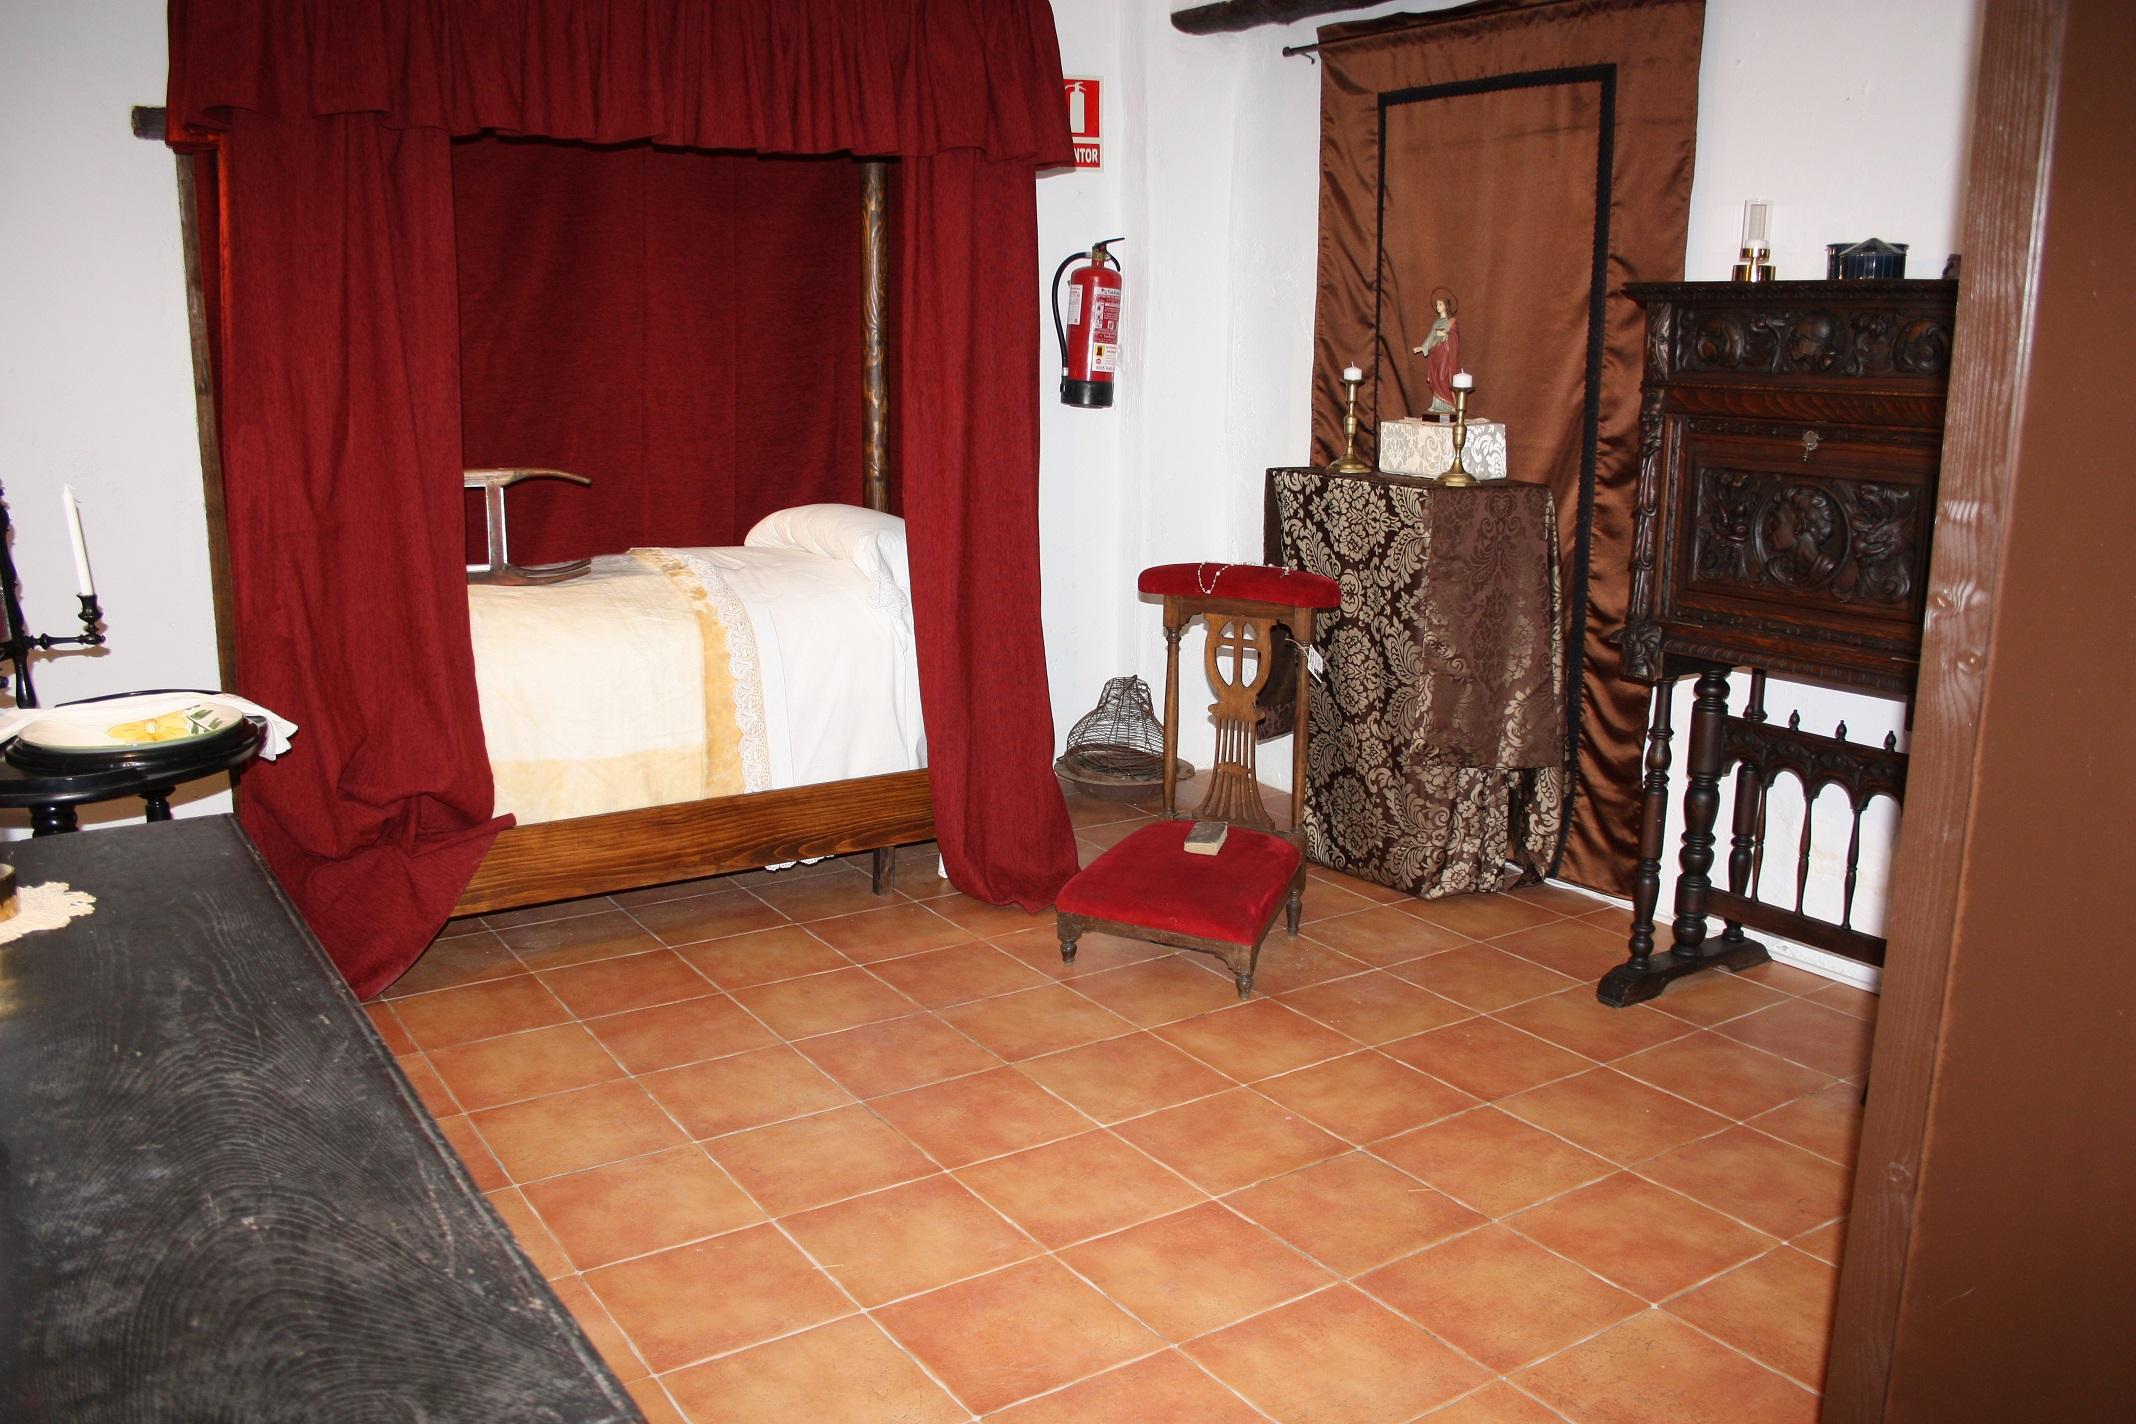 presentacion_jornadas_cervantinas_dormitorio